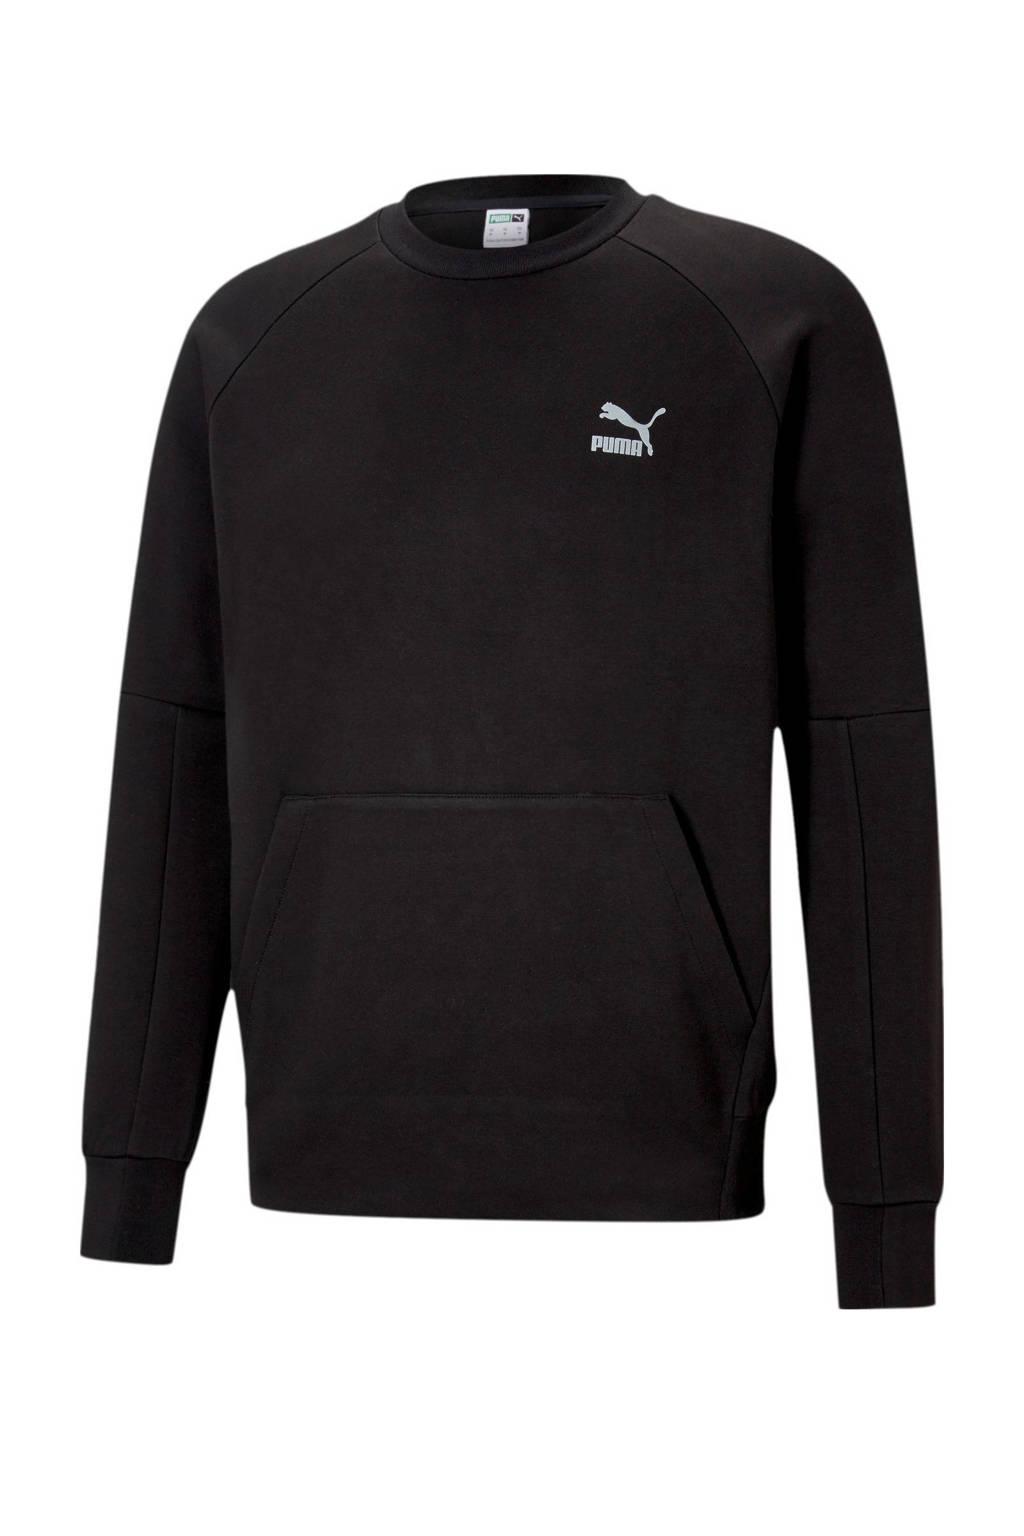 Puma sweater zwart, Zwart